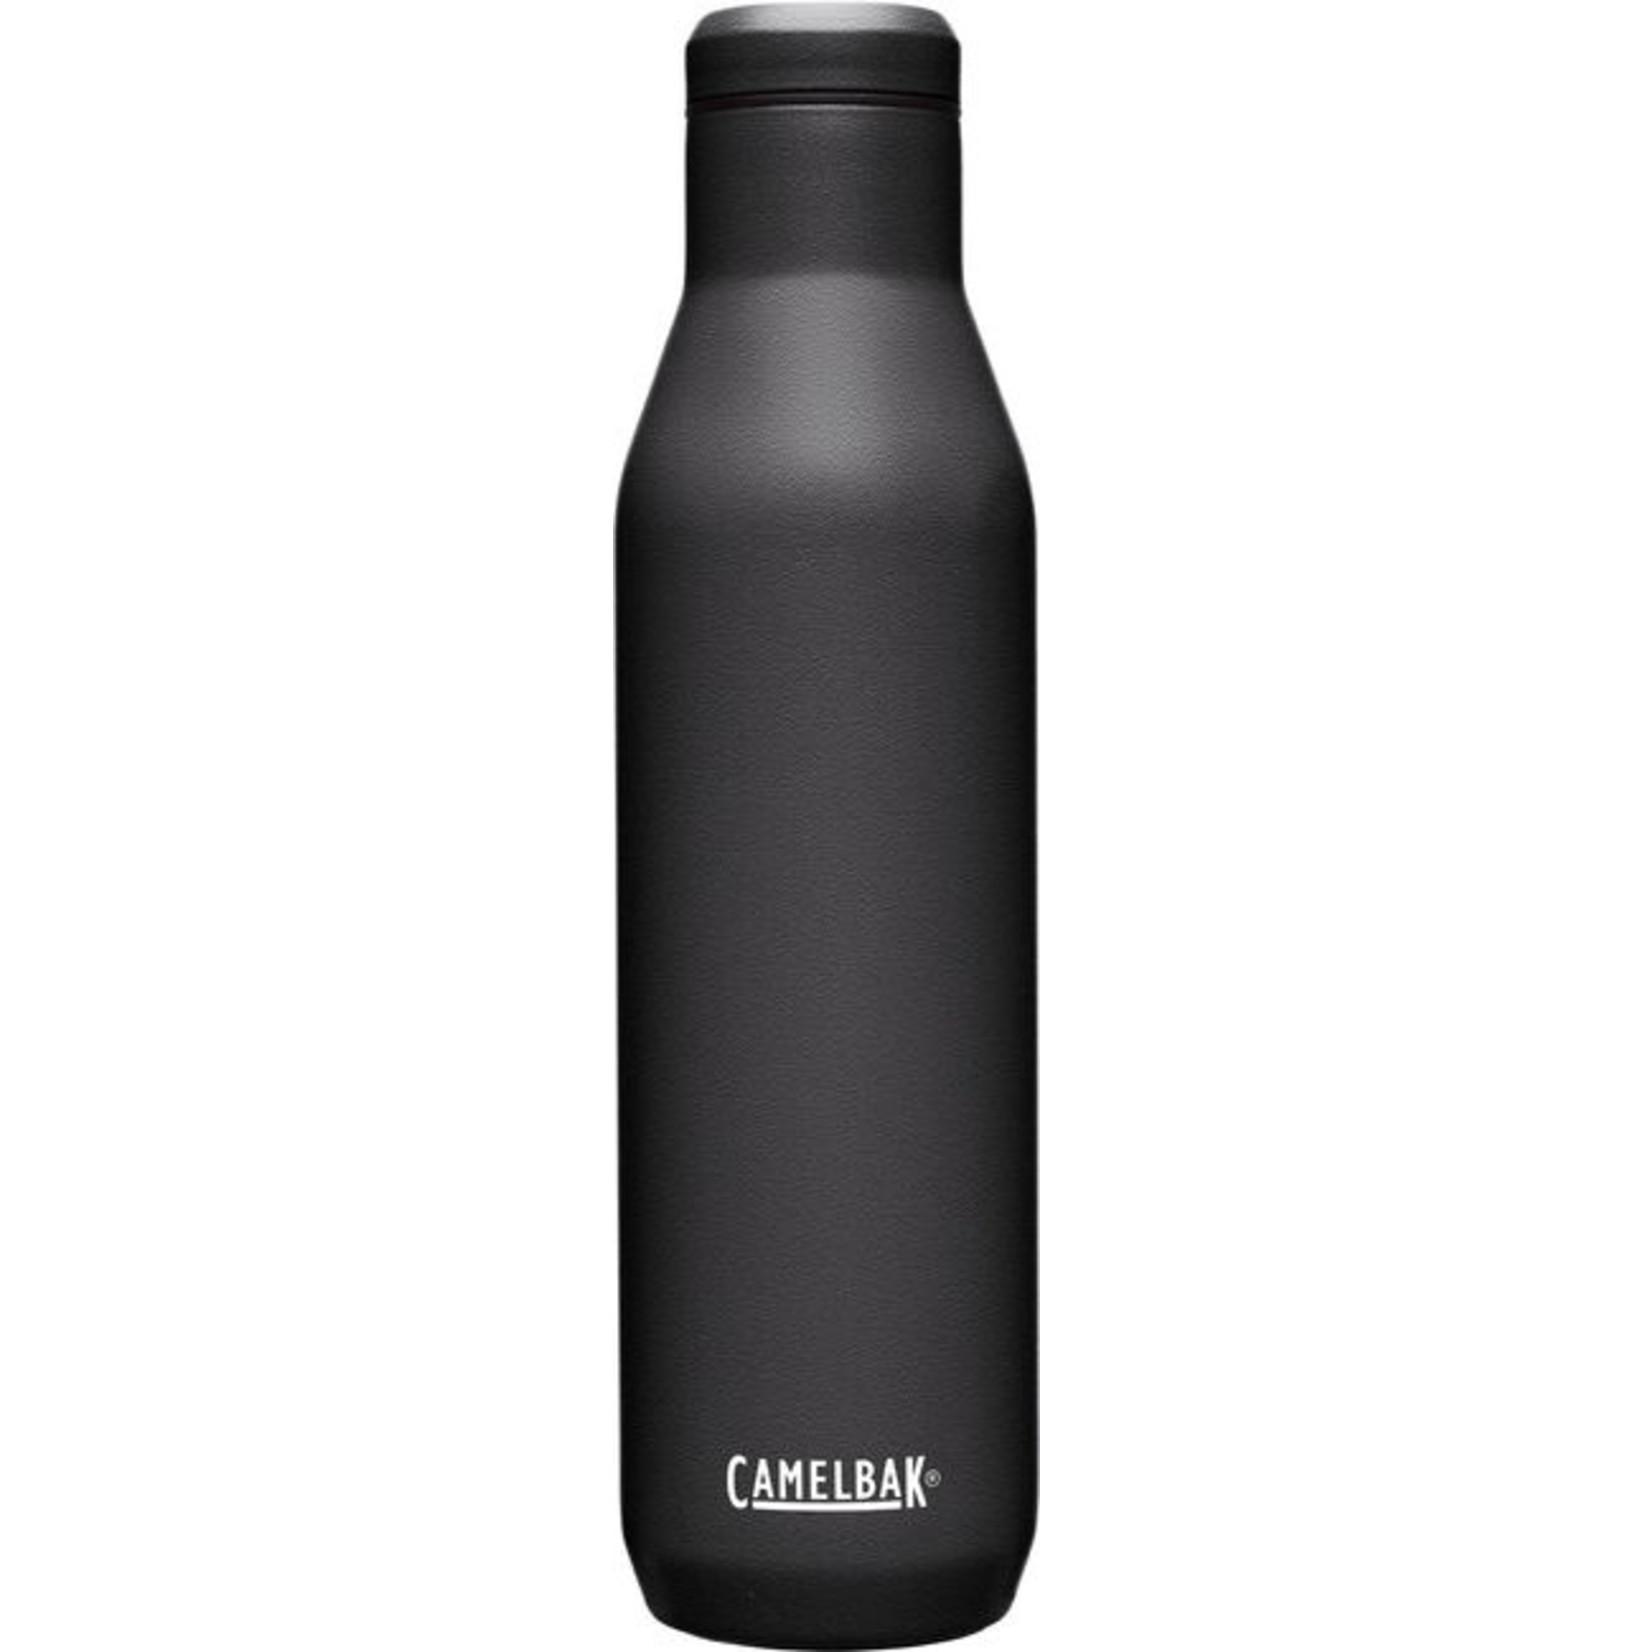 CAMELBAK WINE BOTTLE SST VACUUM INSULATED 740ML BLACK